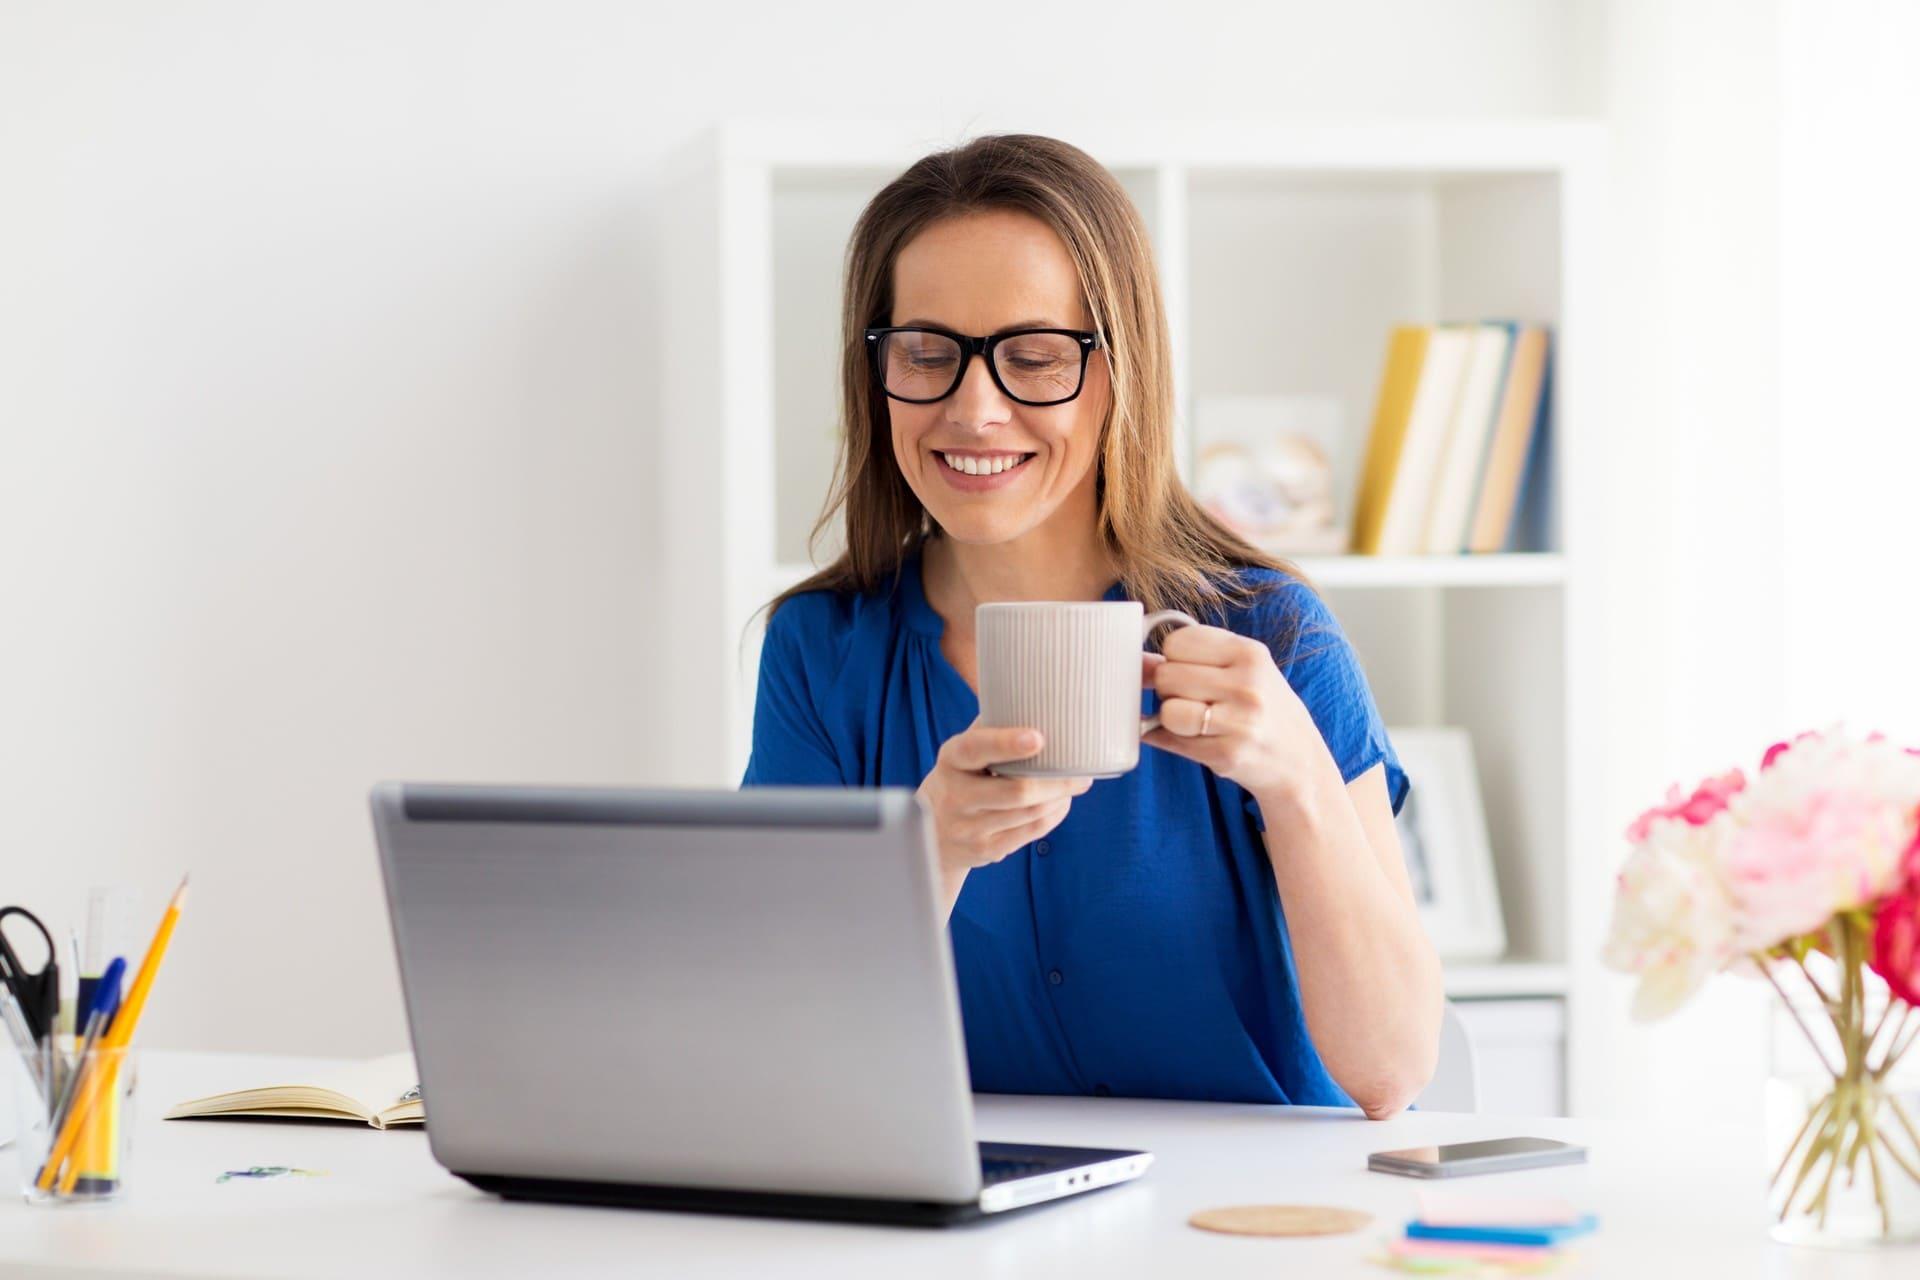 vrouw werkt blij met mkb boekhouding software Twinfield